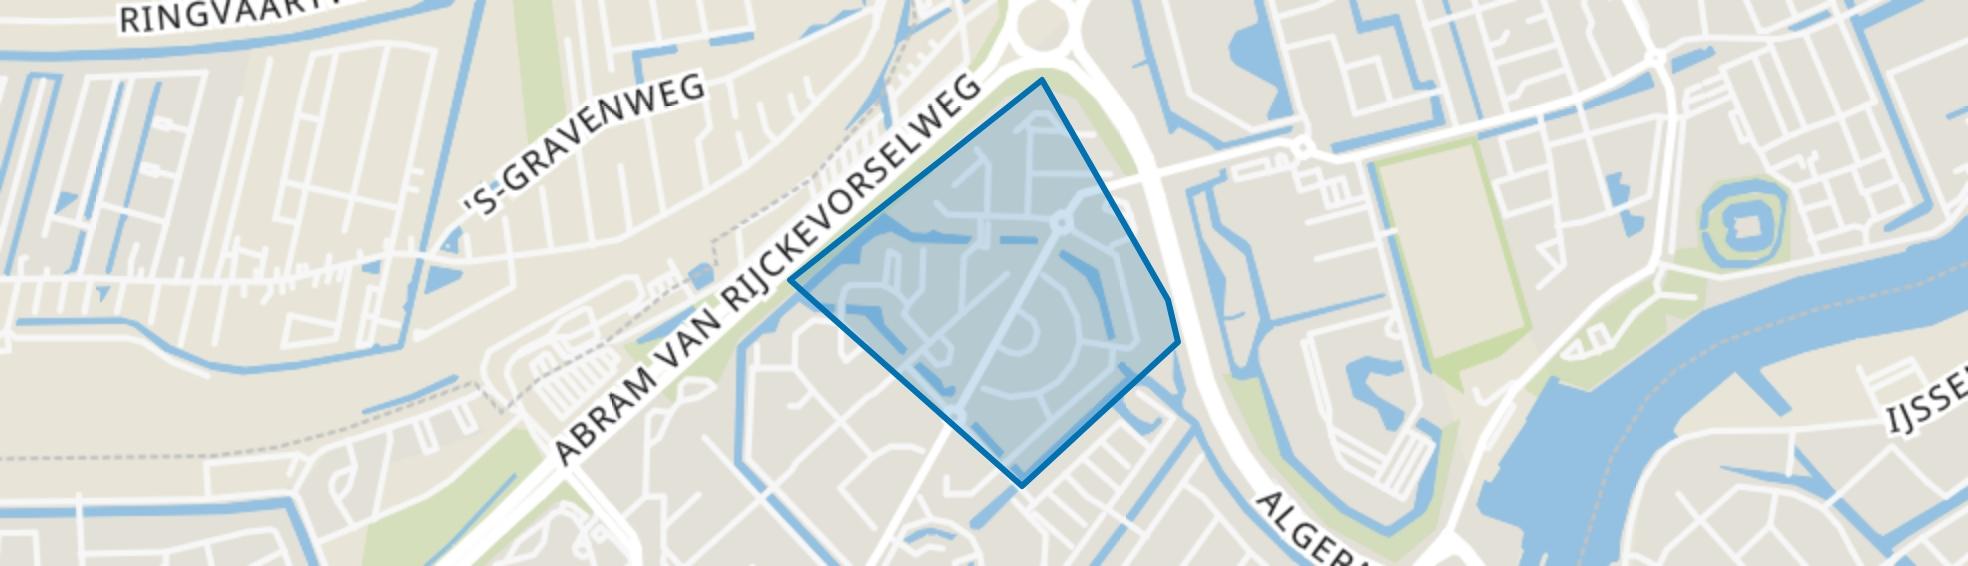 Paganinibuurt, Capelle aan den IJssel map